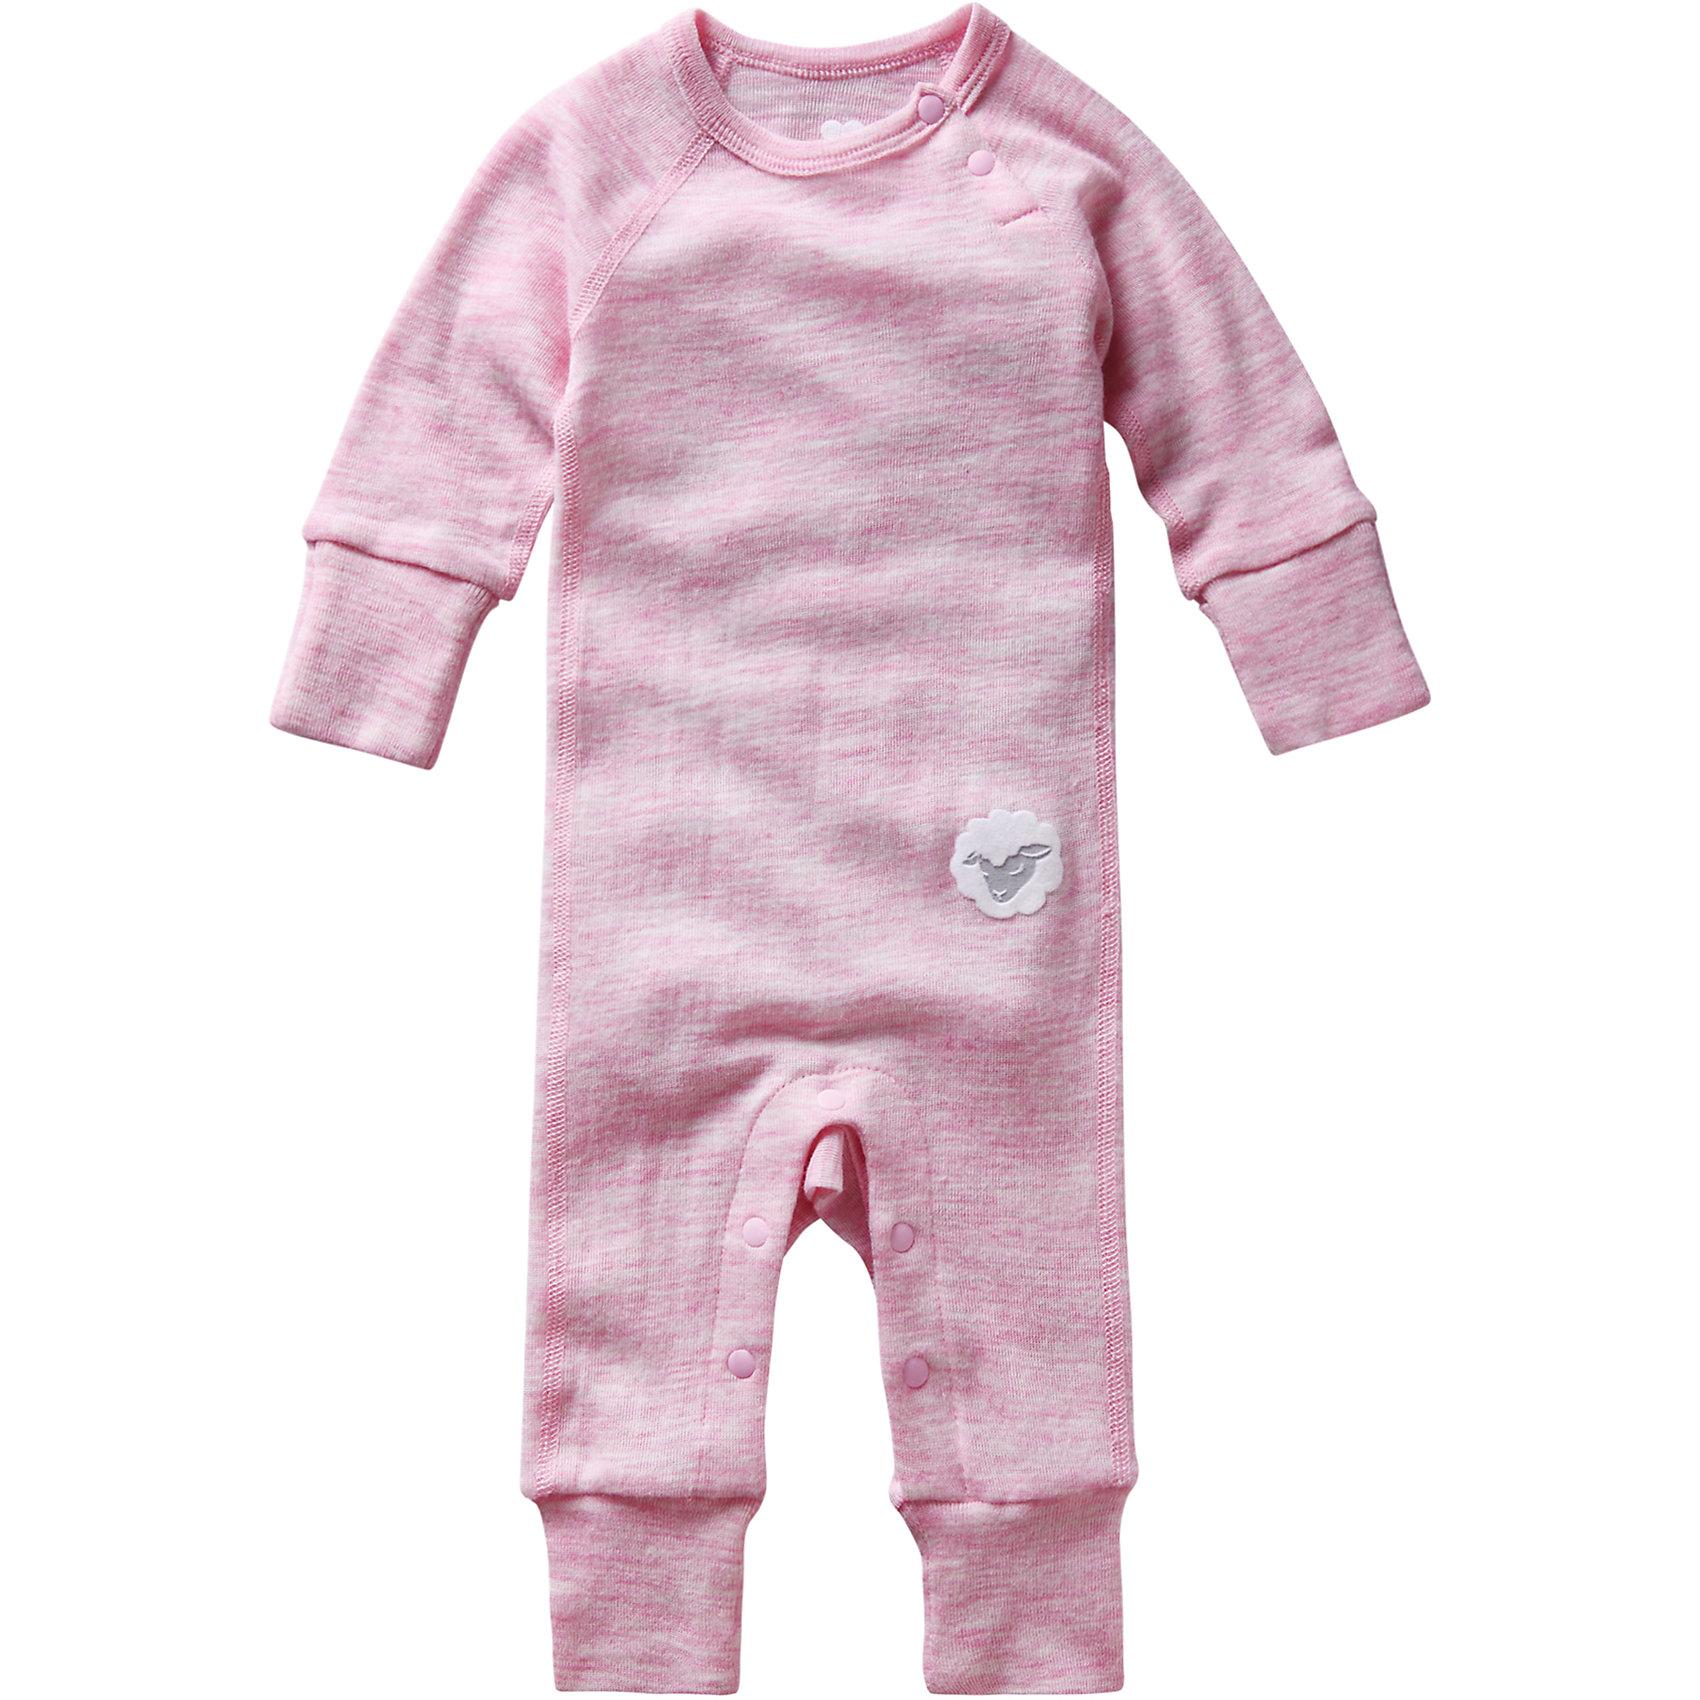 Комбинезон для девочки ReimaКомбинезон Reima (Рейма), розовый от известного финского производителя теплой детской одежды Reima. Выполнен из сочетания шерсти и бамбукового волокна, что делает изделие абсолютно гипоаллергенным и приятным на ощупь. Комбинезон обладает воздухопроницаемыми свойствами и позволяет обеспечивать оптимальную температуру.  Все швы на комбинезоне выполнены плоскими и наружными. Для удобства одевания на горловине имеется косая застежка на кнопках, штаны также застегиваются на кнопки, что обеспечивает легкость в смене подгузников. У рукавов и штанин имеются отворачивающиеся манжеты, что позволит увеличить размер изделия. Комбинезон выполнен в розовом цвете, спереди имеется апликация в форме овечки. Комбинезон можно использовать как в качестве отдельного варианта одежды, так и в качестве промежуточного слоя в холодное время года.<br><br>Дополнительная информация:<br><br>- Предназначение: повседневная одежда<br>- Цвет: розовый<br>- Пол: для девочки<br>- Состав: 72% шерсть, 28% лиоцелл<br>- Сезон: круглый год<br>- Особенности ухода: машинная стирка при температуре от 30 градусов, глажение<br><br>Подробнее:<br><br>• Для детей в возрасте: от 3 месяцев лет и до 6 месяцев<br>• Страна производитель: Китай<br>• Торговый бренд: Reima, Финляндия<br><br>Комбинезон Reima (Рейма), розовый можно купить в нашем интернет-магазине.<br><br>Ширина мм: 215<br>Глубина мм: 88<br>Высота мм: 191<br>Вес г: 336<br>Возраст от месяцев: 0<br>Возраст до месяцев: 3<br>Пол: Женский<br>Возраст: Детский<br>Размер: 56,68,62,50<br>SKU: 4863948